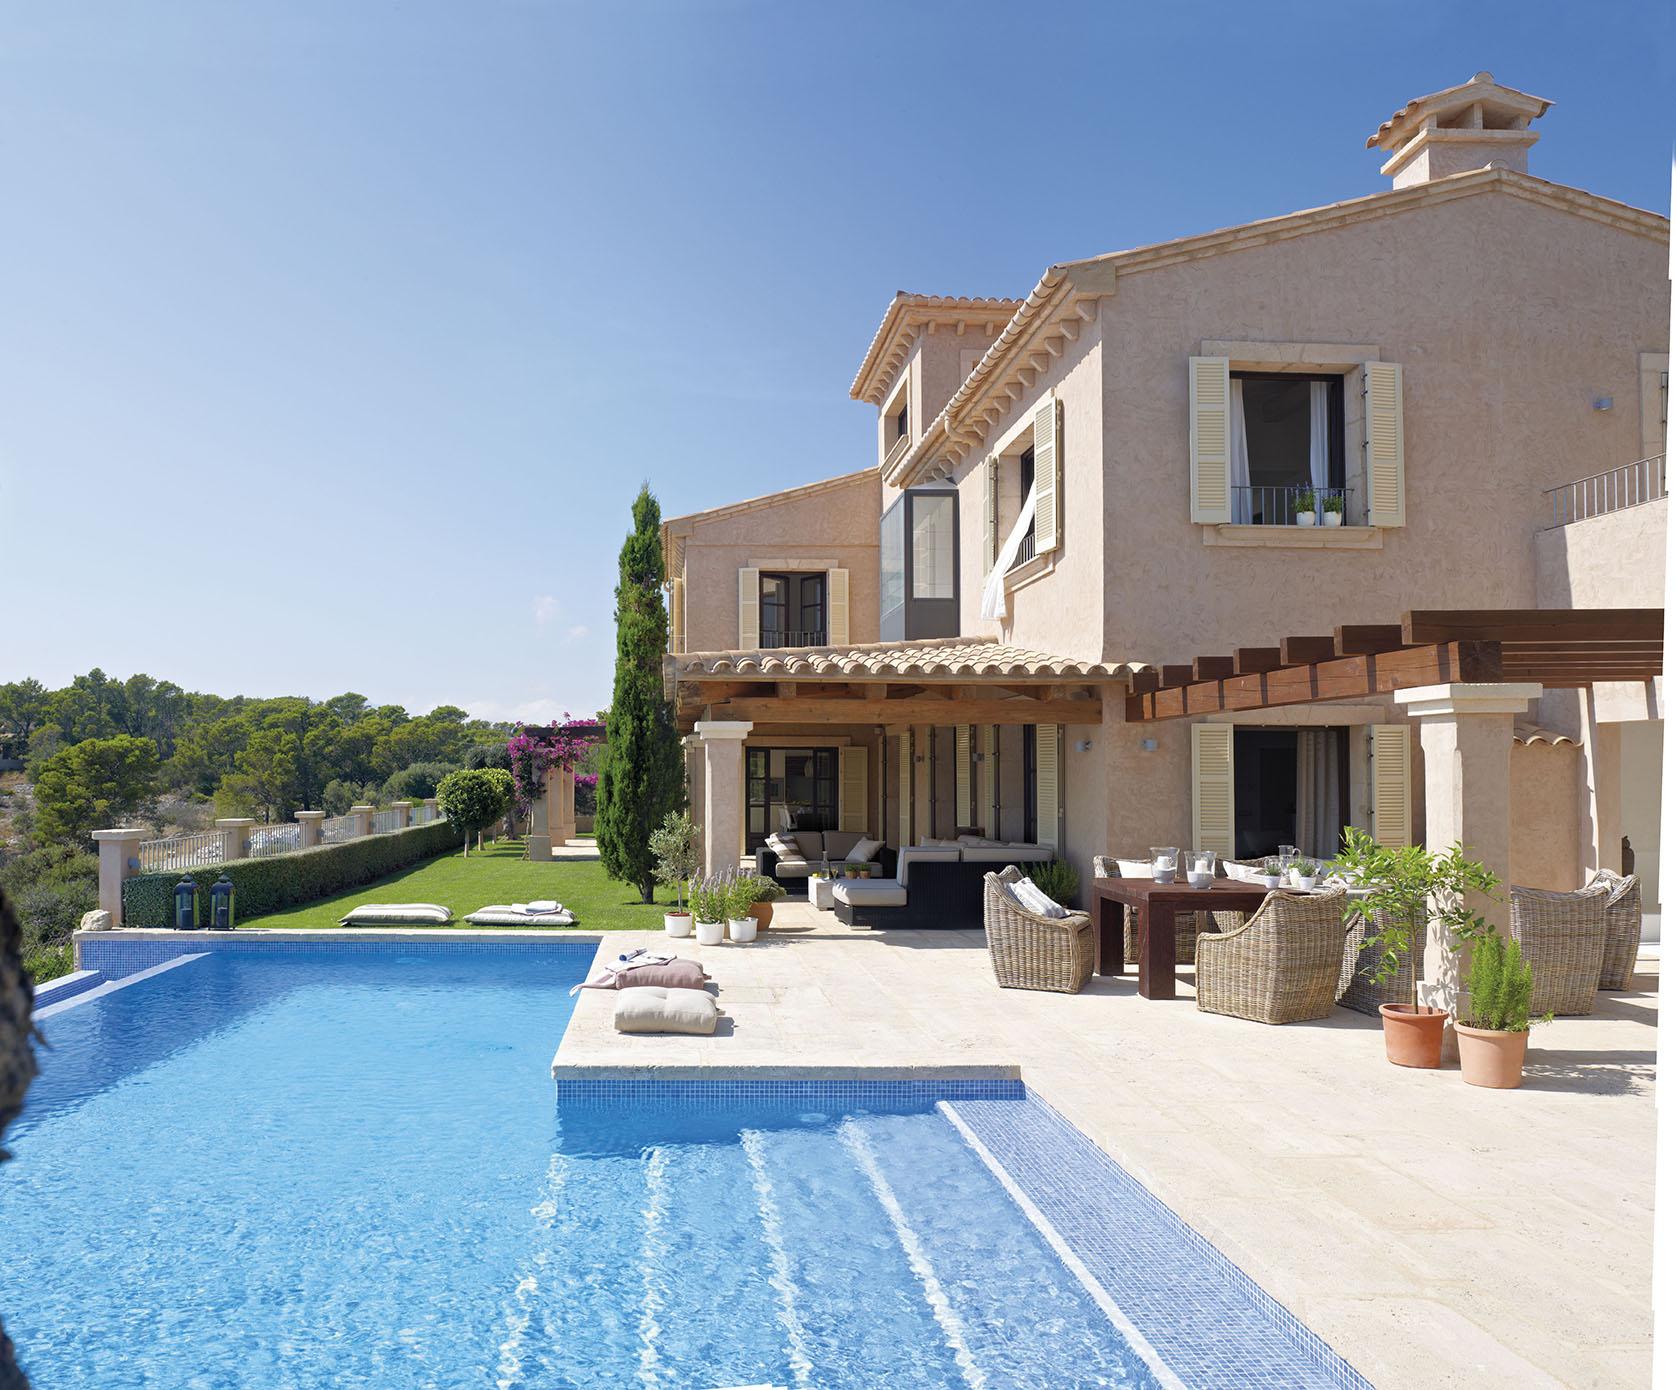 Un precioso mirador a la bah a - Casa de verano con piscina ...